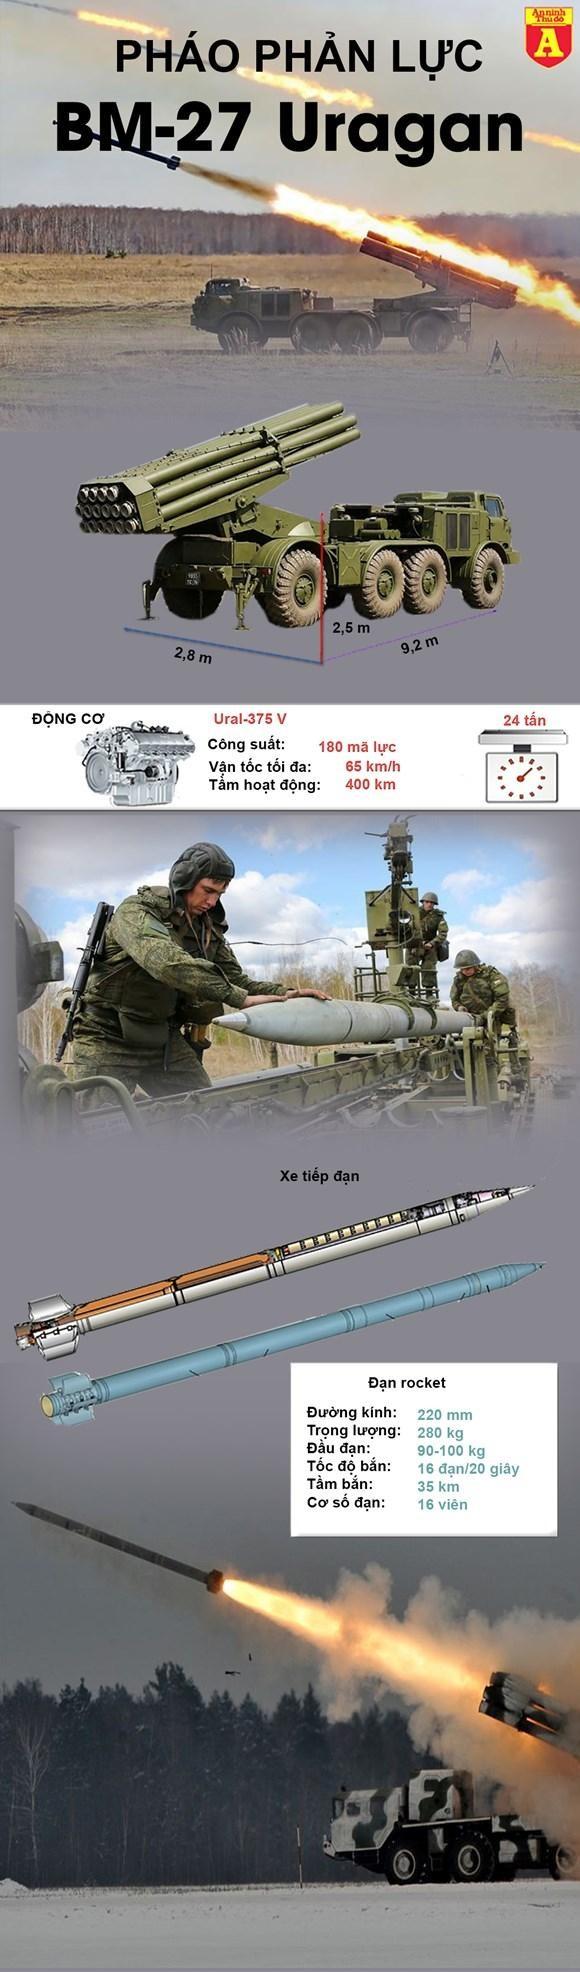 """[Info] """"Bão lửa"""" BM-27 Ukraine lật bẹp dí trên cao tốc ảnh 4"""